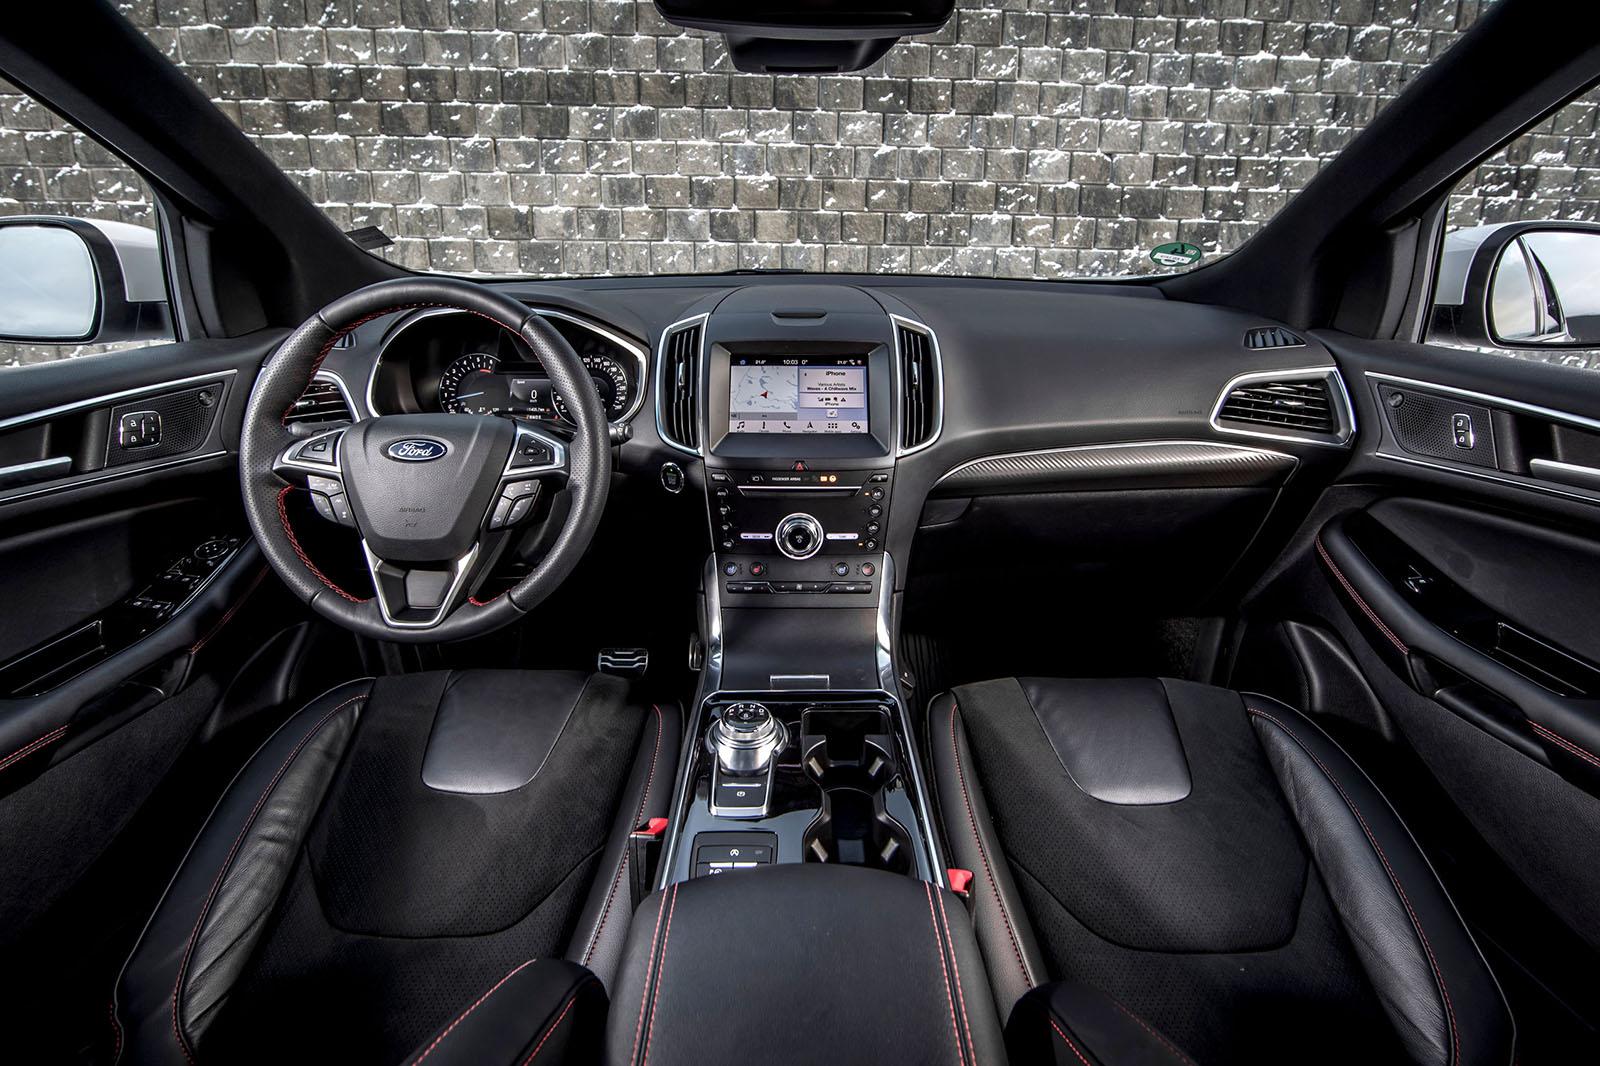 Ford Edge si rinnova con la nuova versione 2019 disponibile in Titanium, ST-Line e Vignale 2